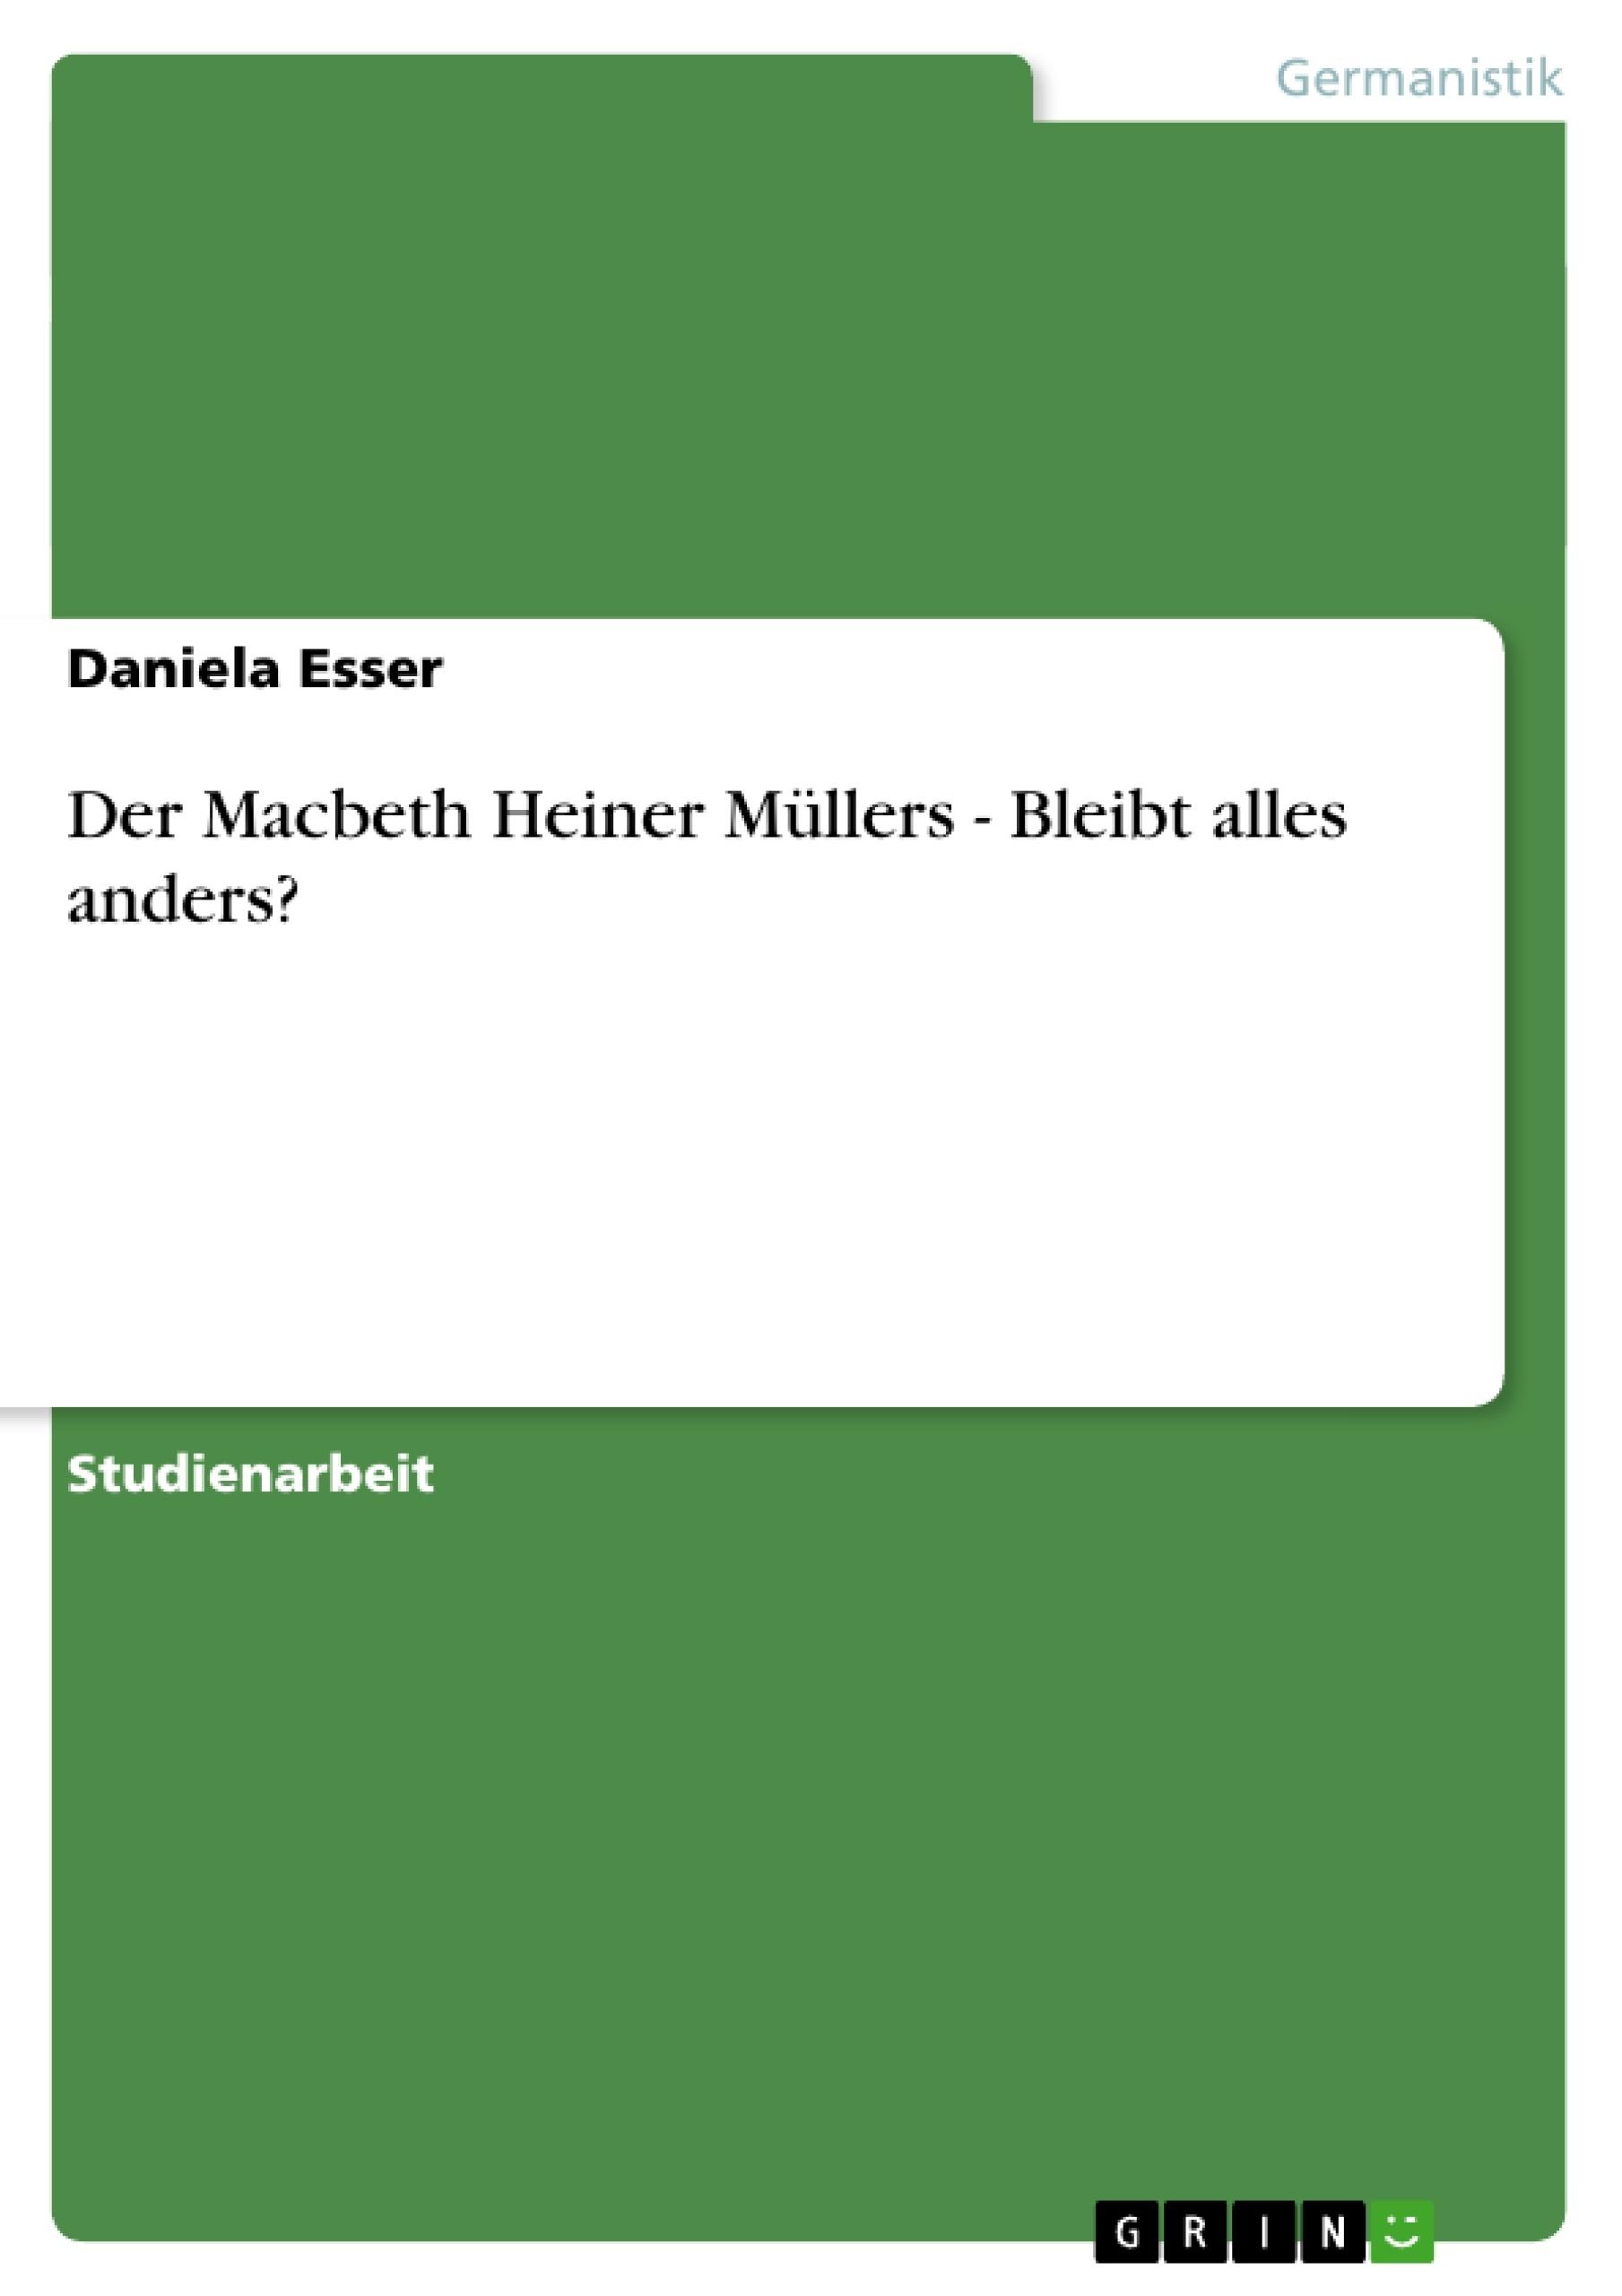 Titel: Der Macbeth Heiner Müllers - Bleibt alles anders?